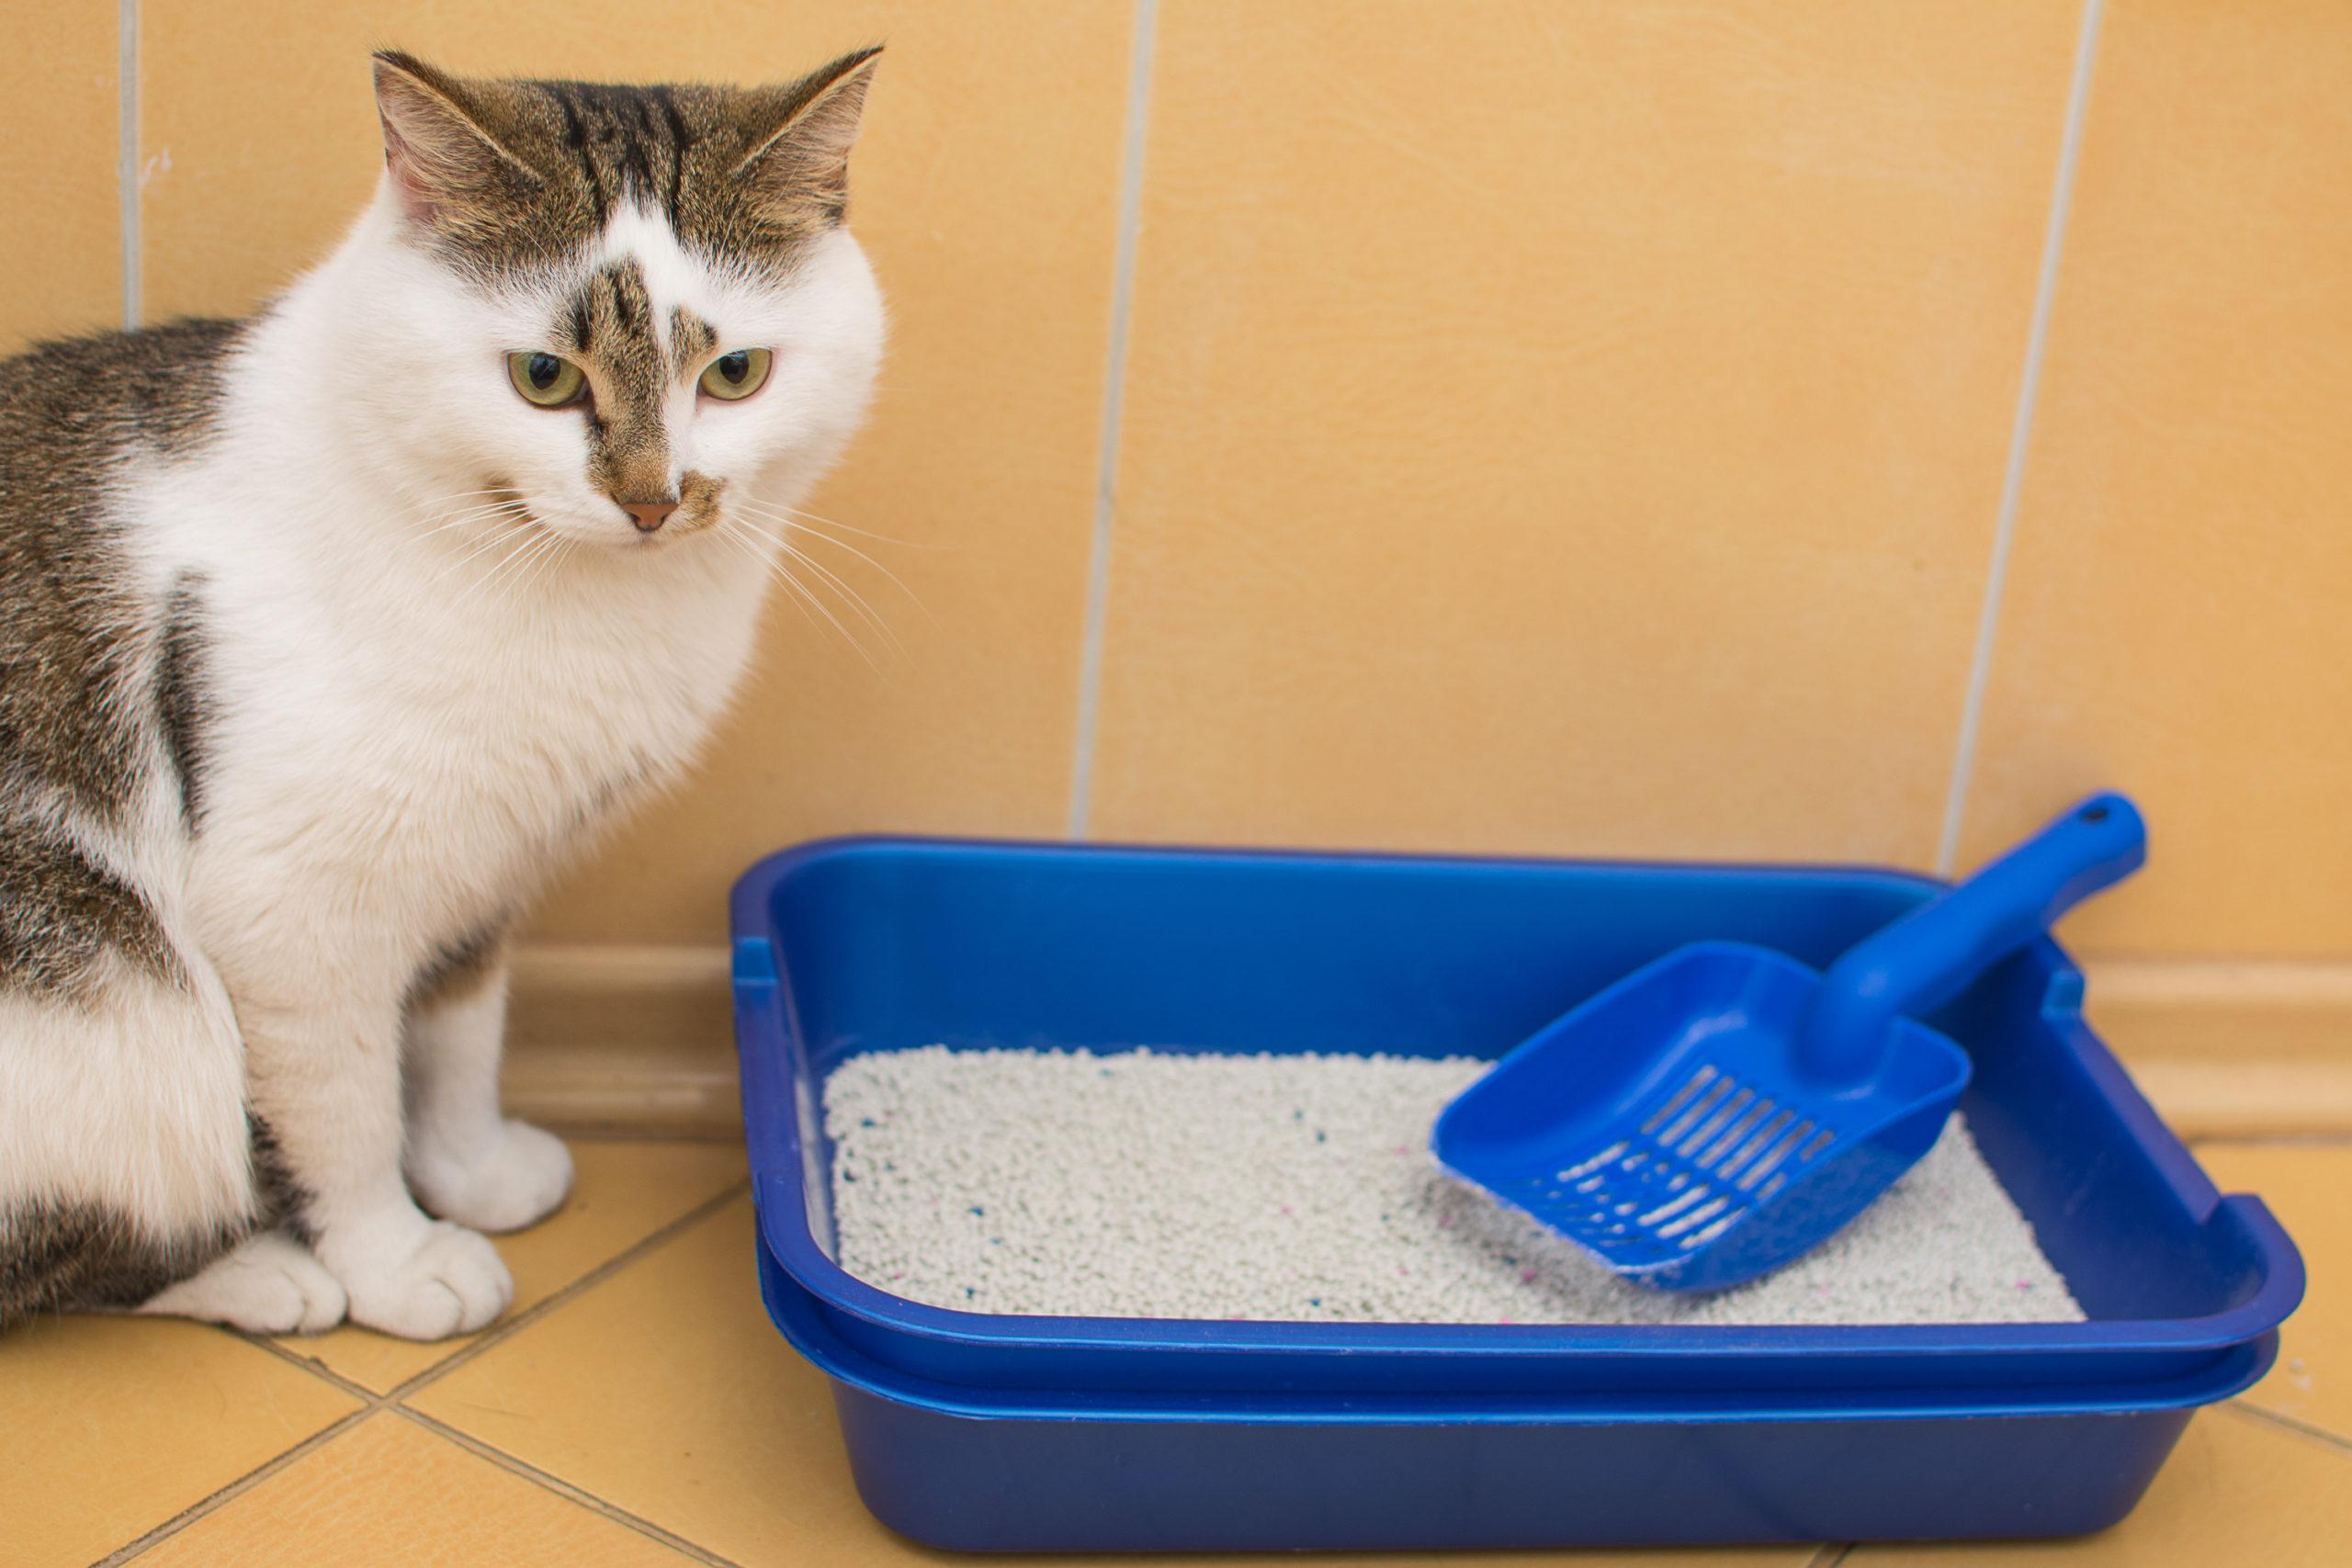 猫が使いやすいトイレとは?【猫が喜ぶ7つの環境】